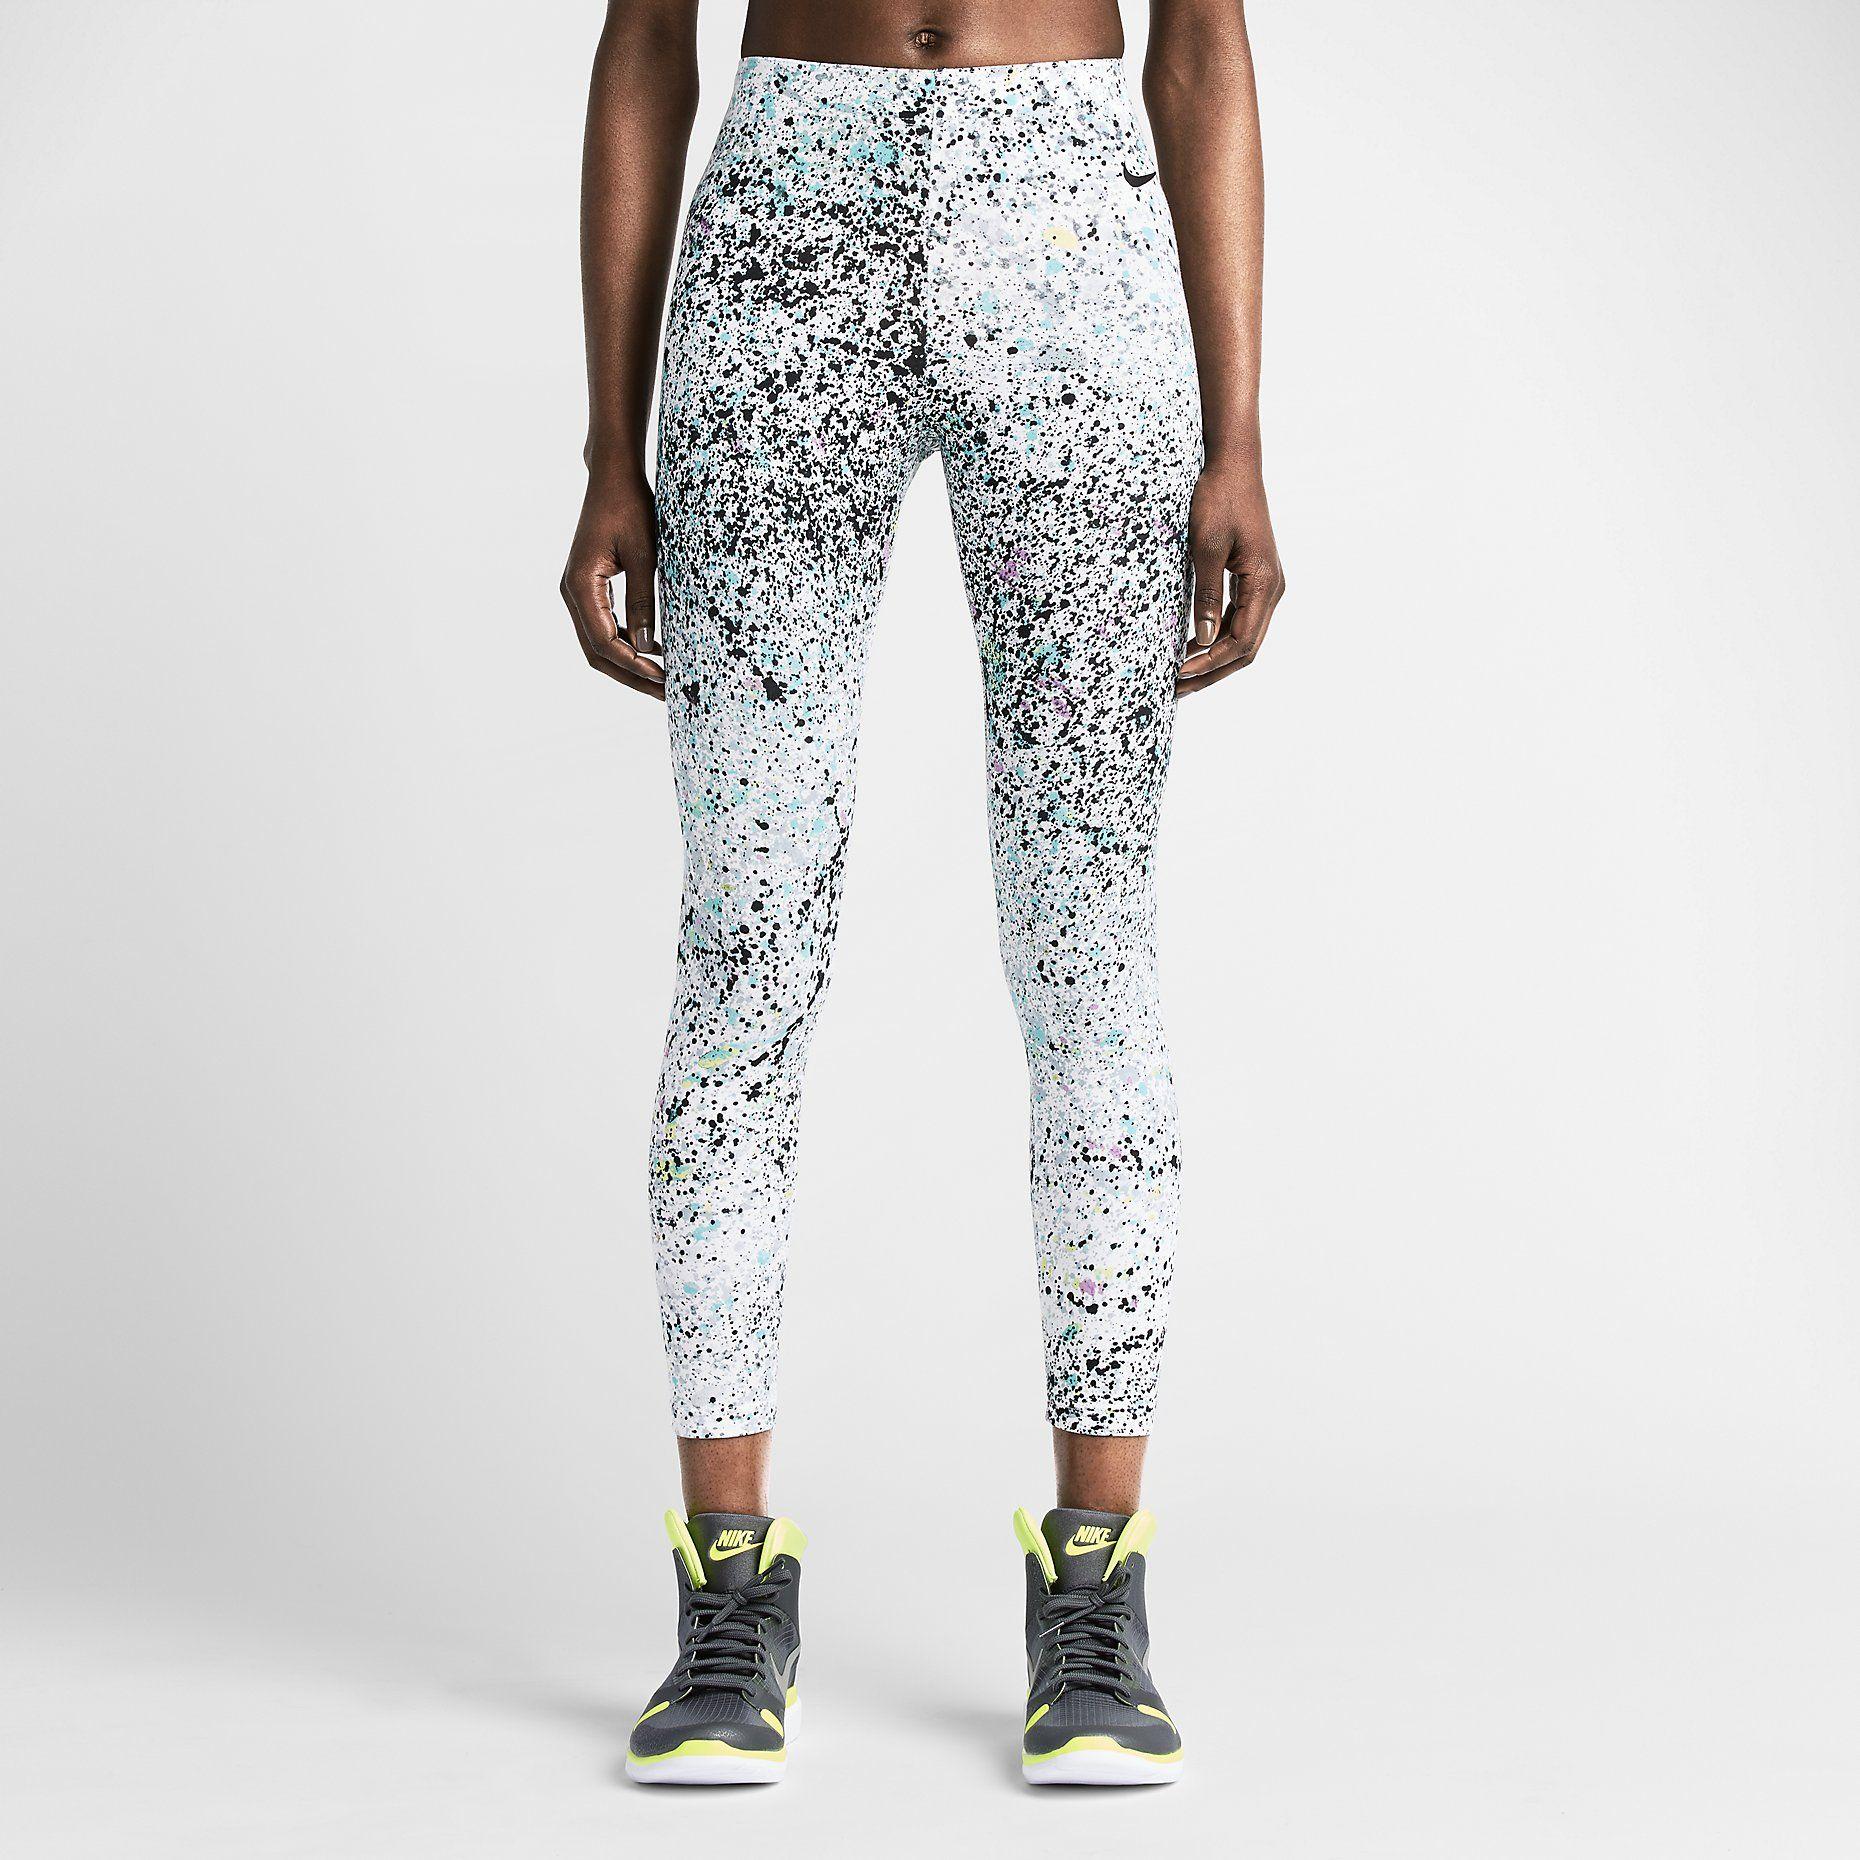 kup tanio sprzedaż hurtowa 2018 buty Legginsy damskie Nike Club Printed Cropped. Nike Store PL ...